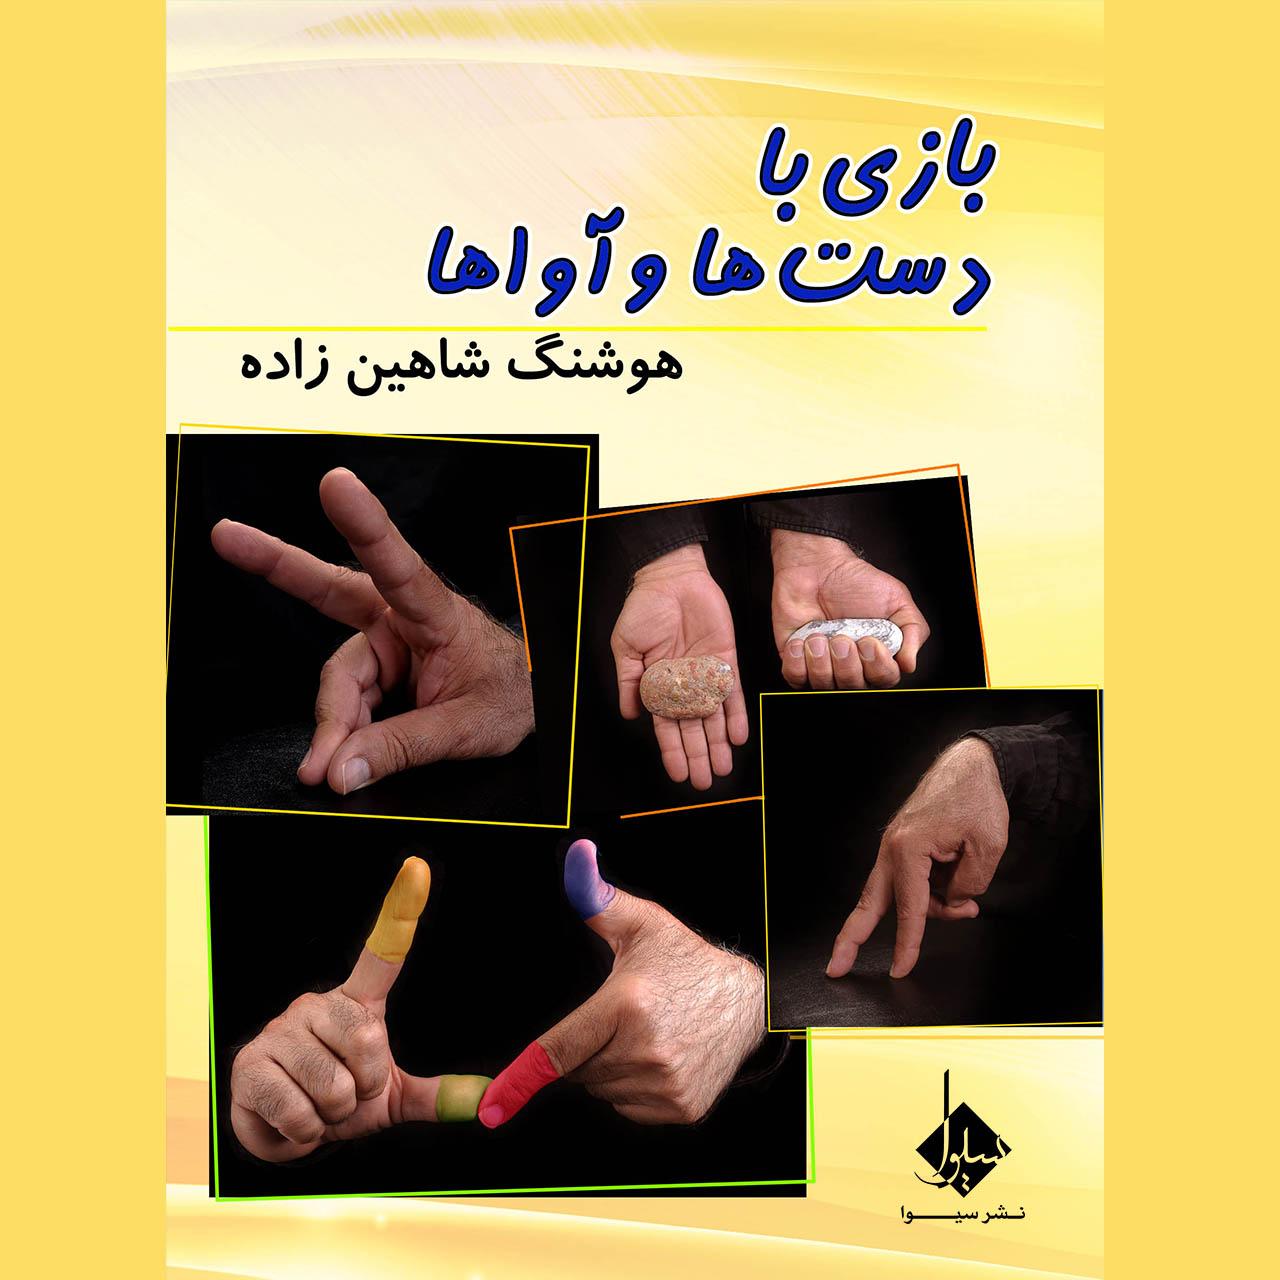 کتاب بازی با دستها و آواها اثر هوشنگ شاهین زاده نشر سیوا